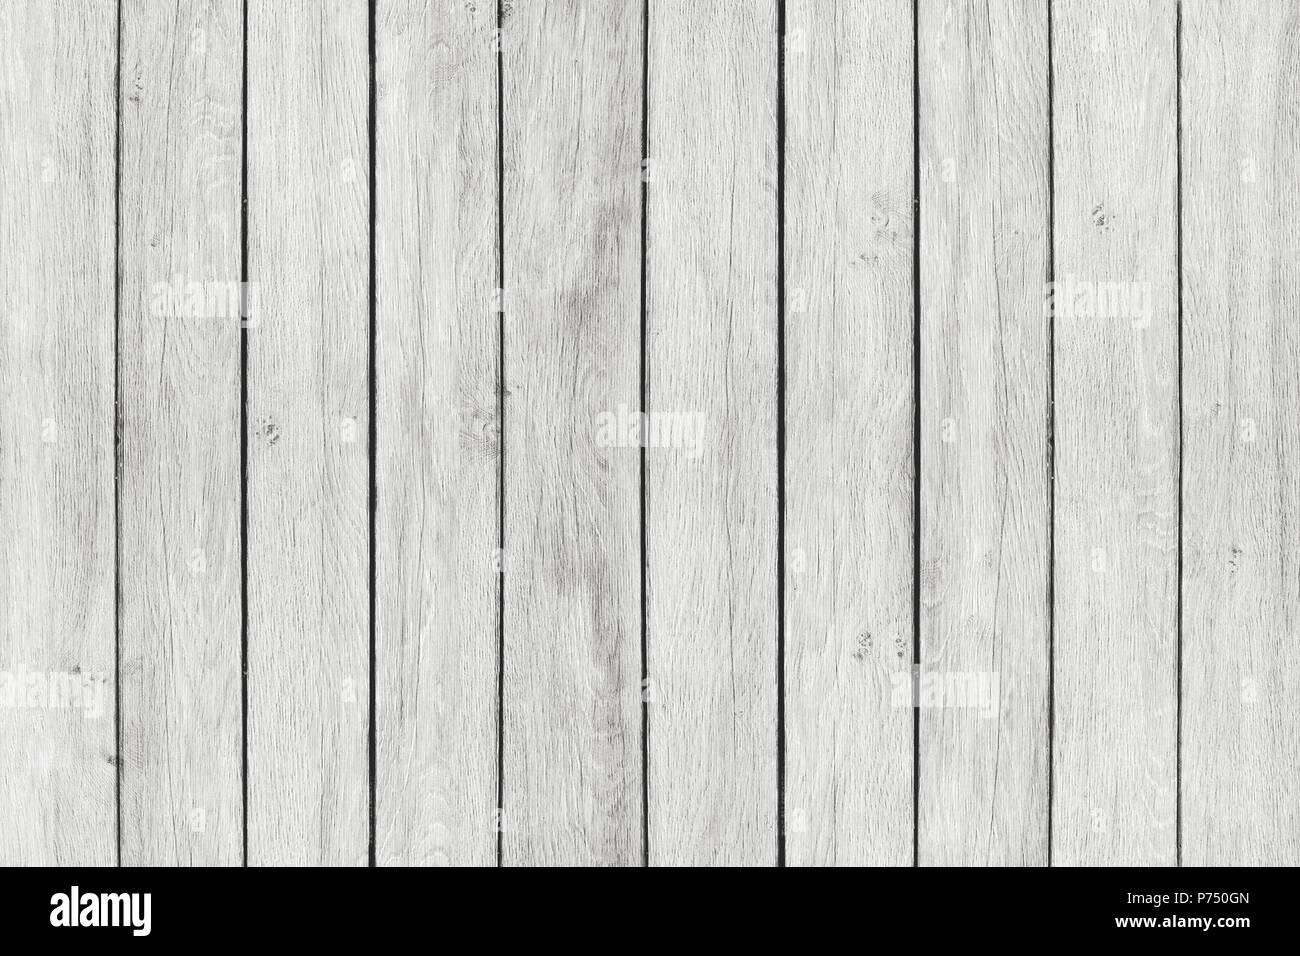 Legno Texture Di Sfondo Bianco Tavole Di Legno Grunge Lavato